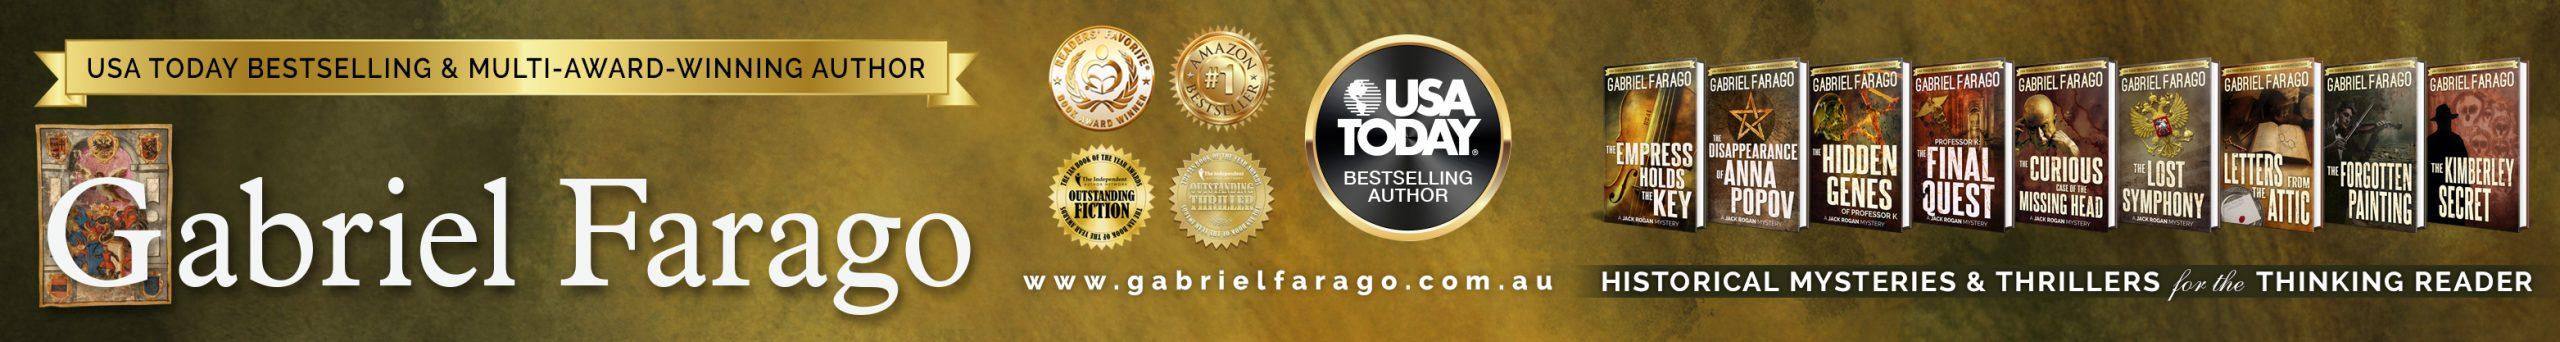 Author Gabriel Farago Official Website